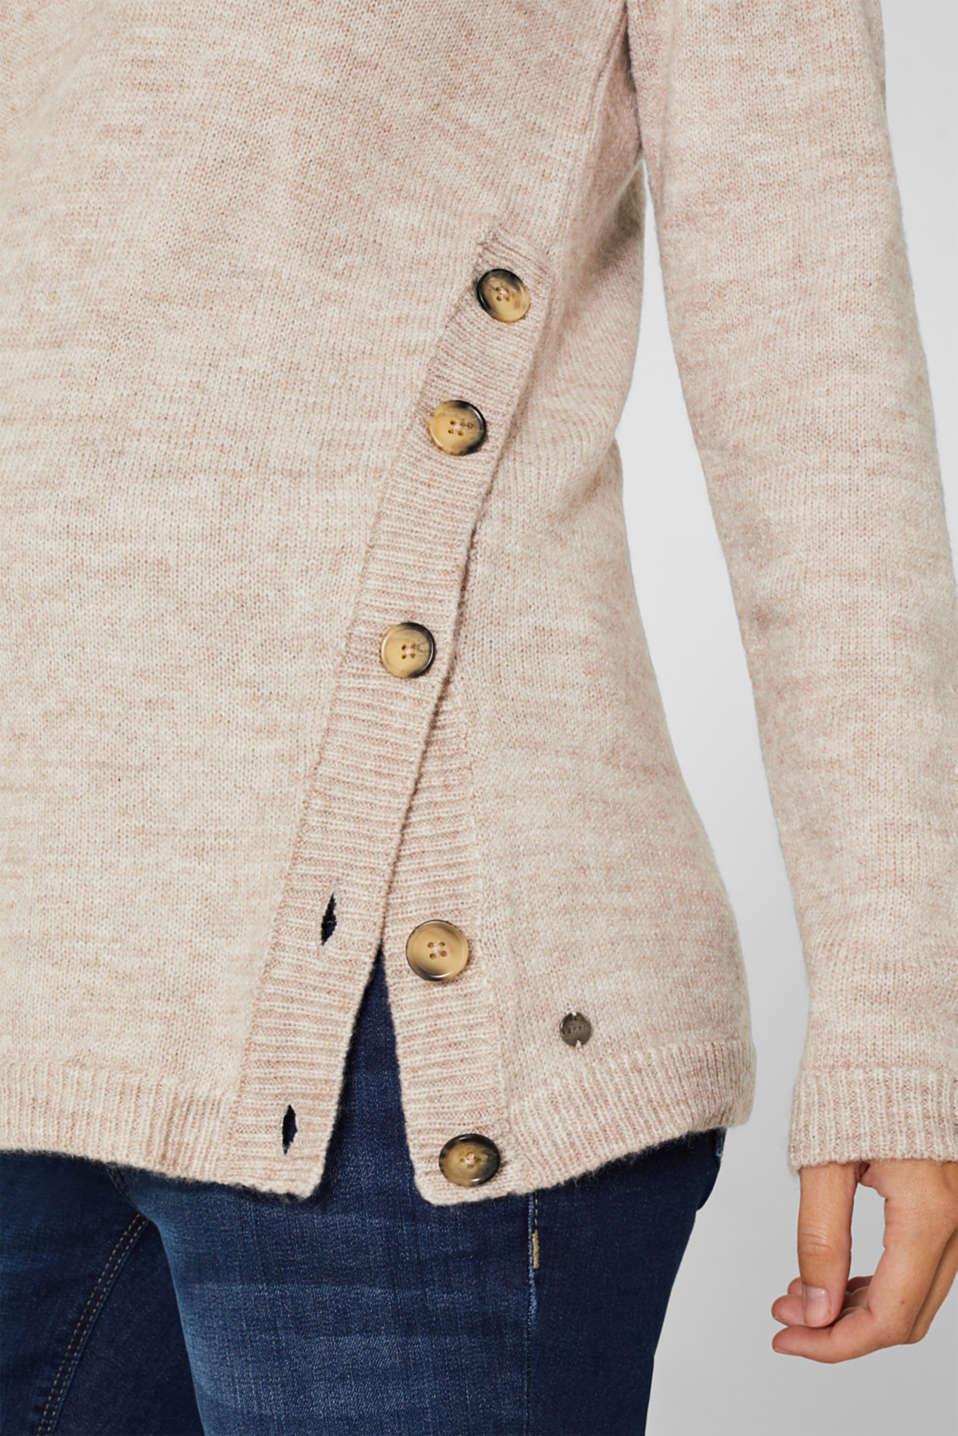 Melange jumper with button plackets, LCCAMEL, detail image number 2